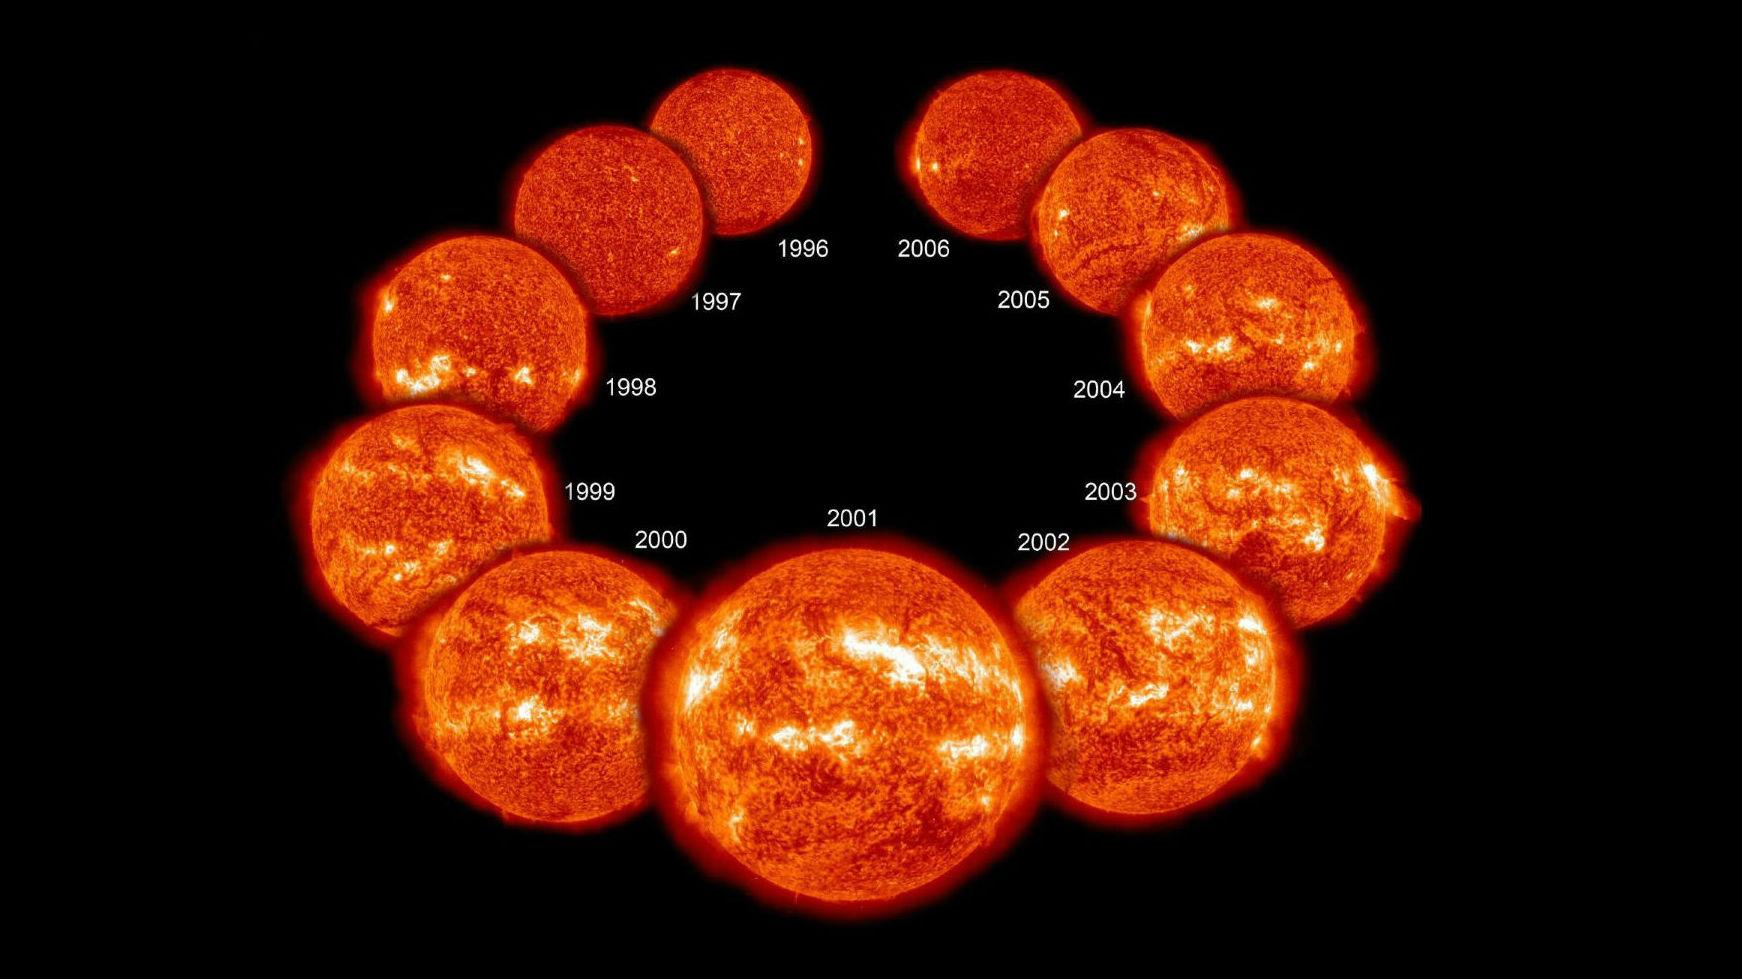 Изображение показывает солнечную активность за 11 лет, от минимума в 1996 году, до максимума в 2001 и до возвращения к минимуму в 2006.